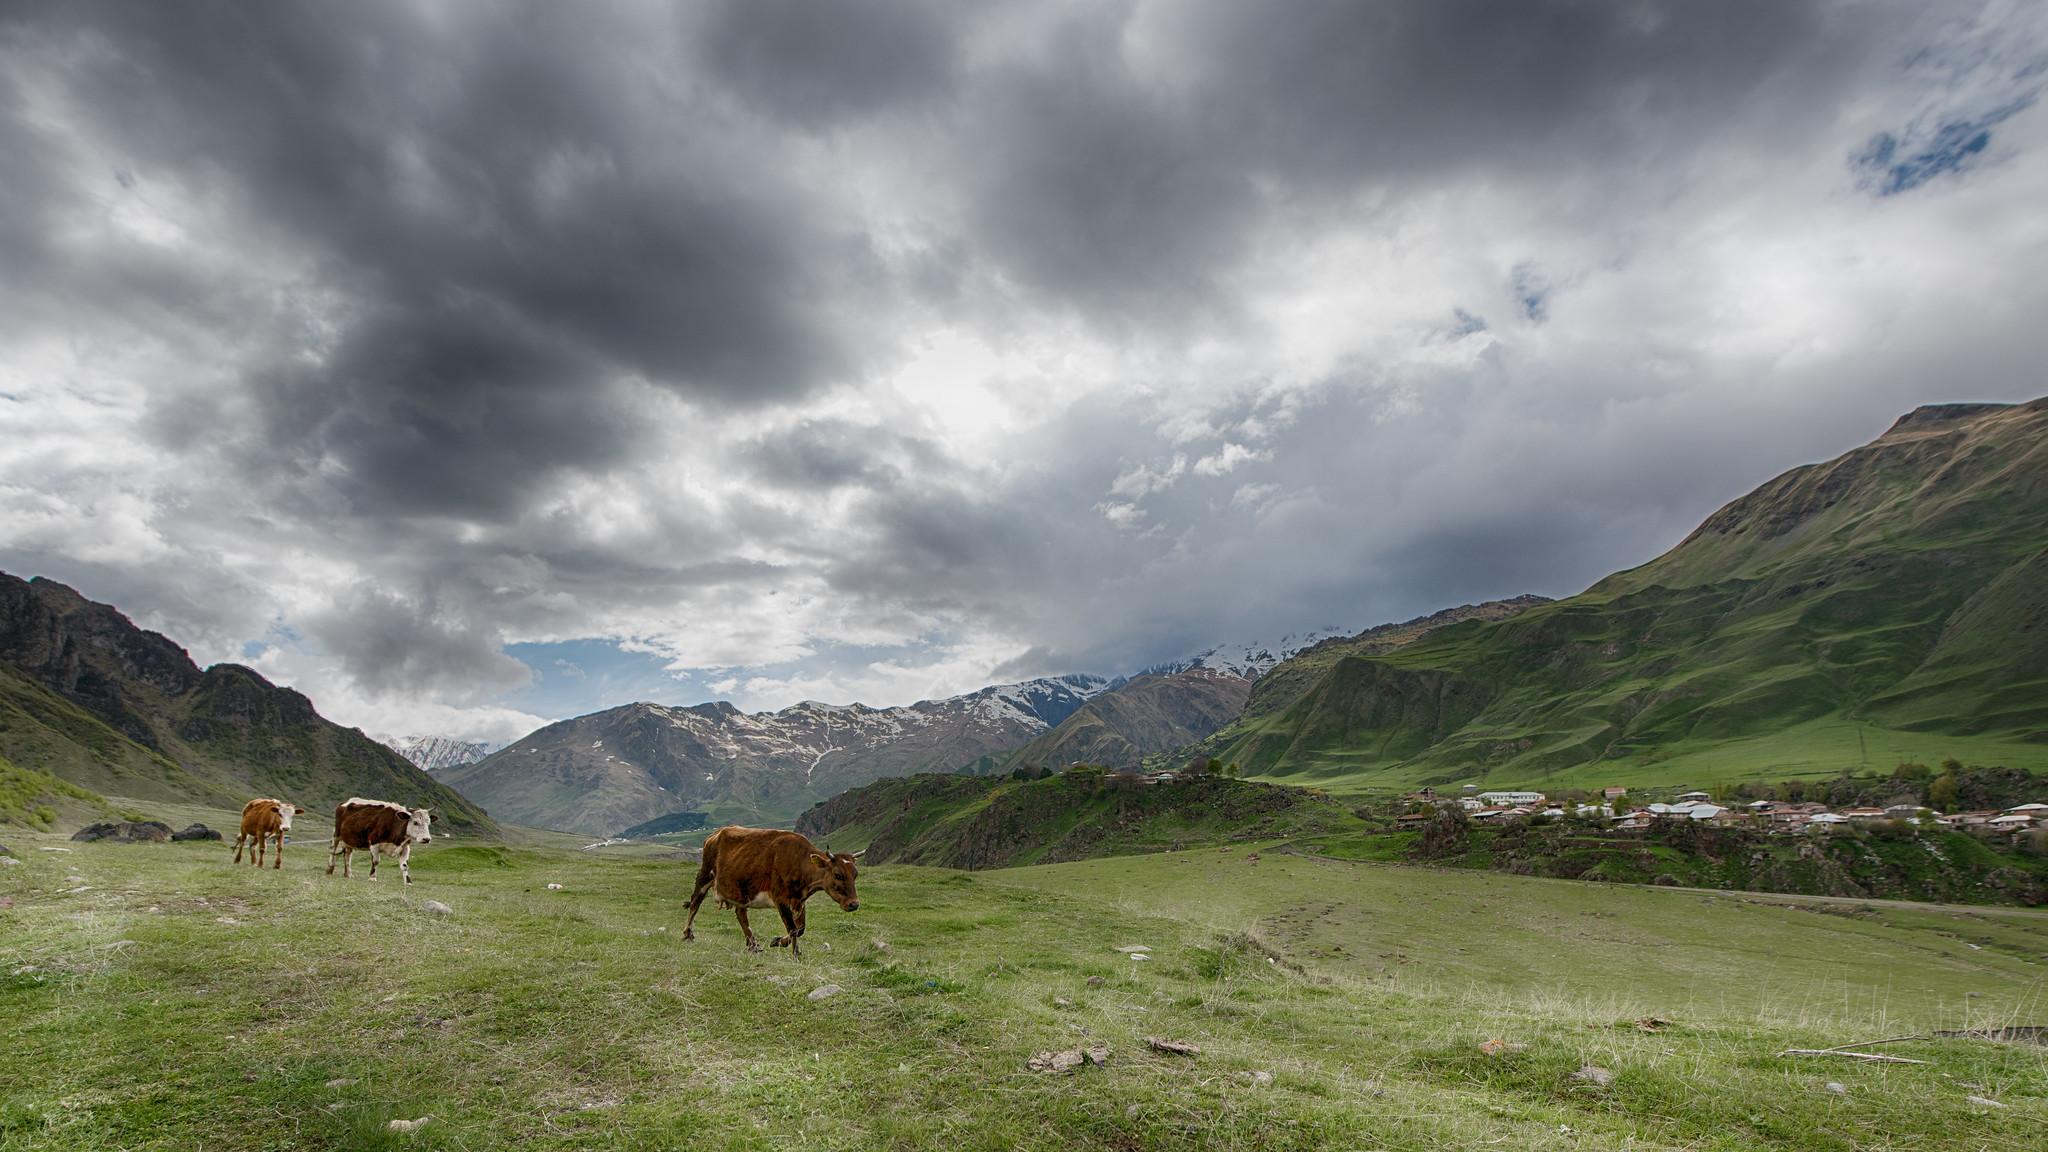 Cows of the Caucasus